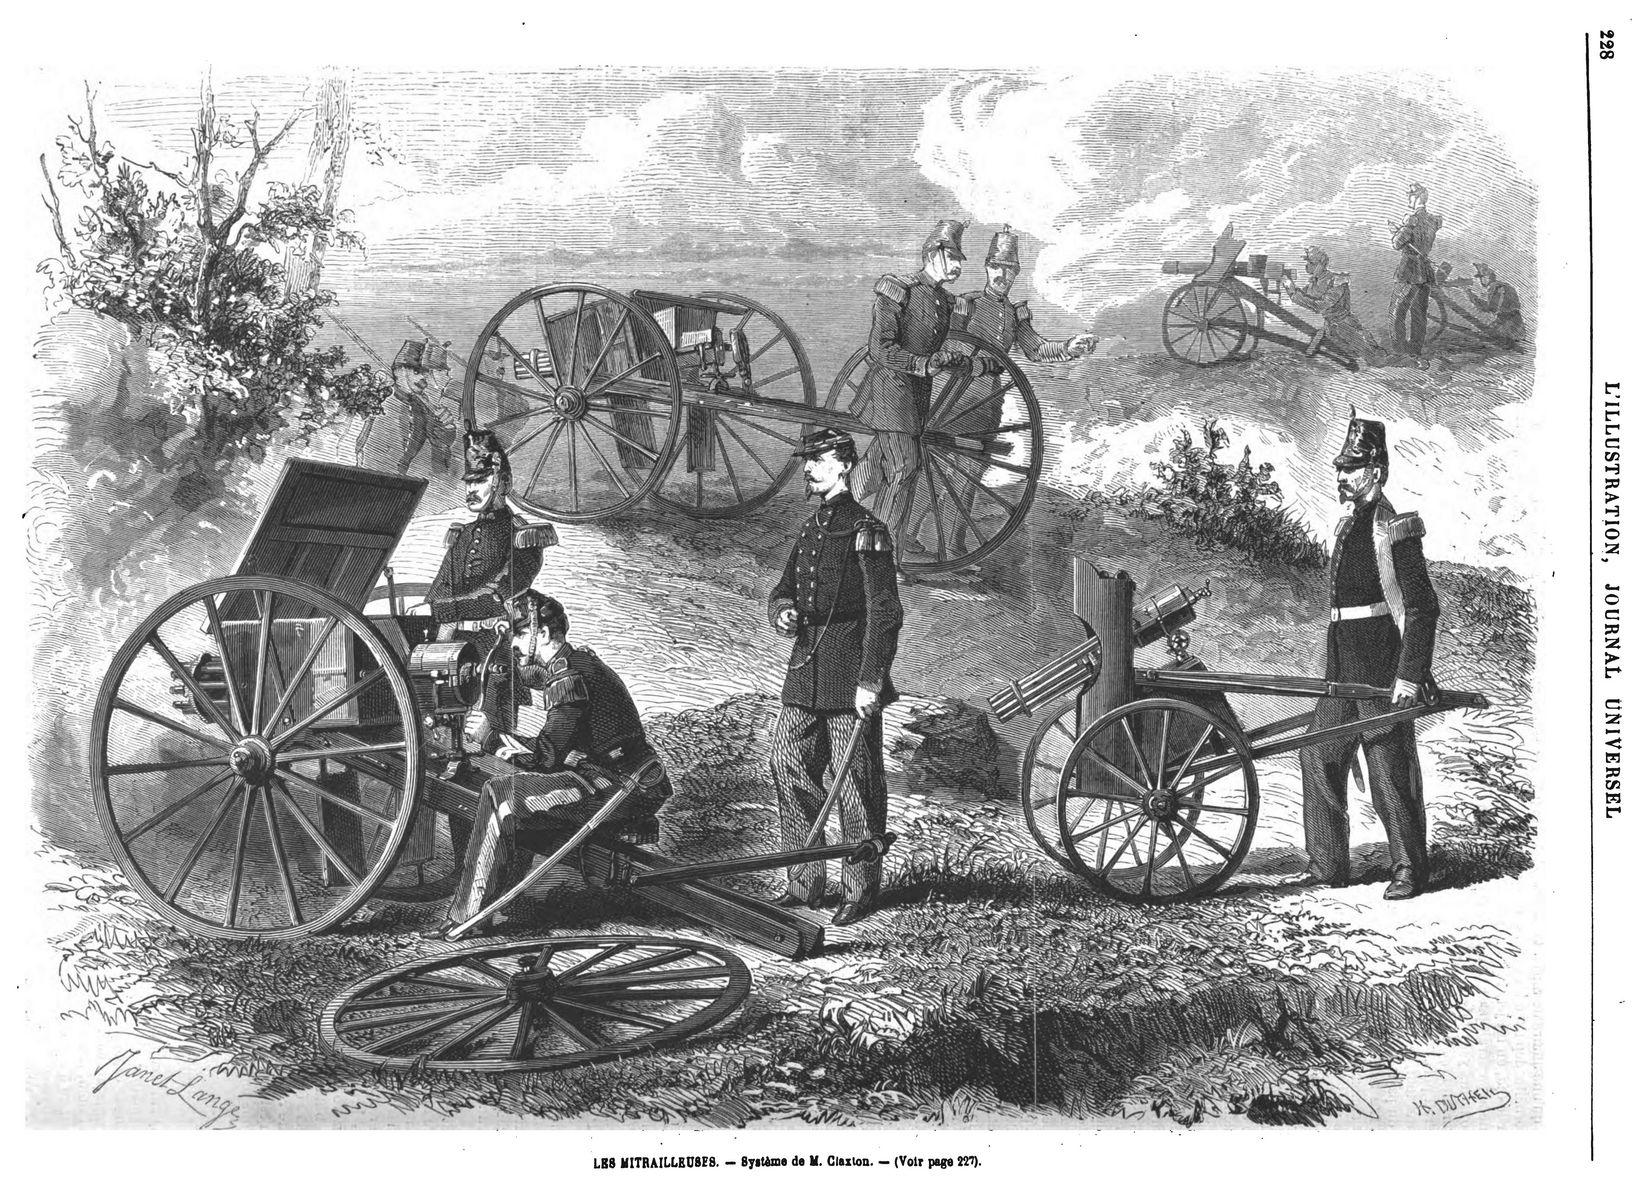 La mitrailleuse Claxton 1869. gravure